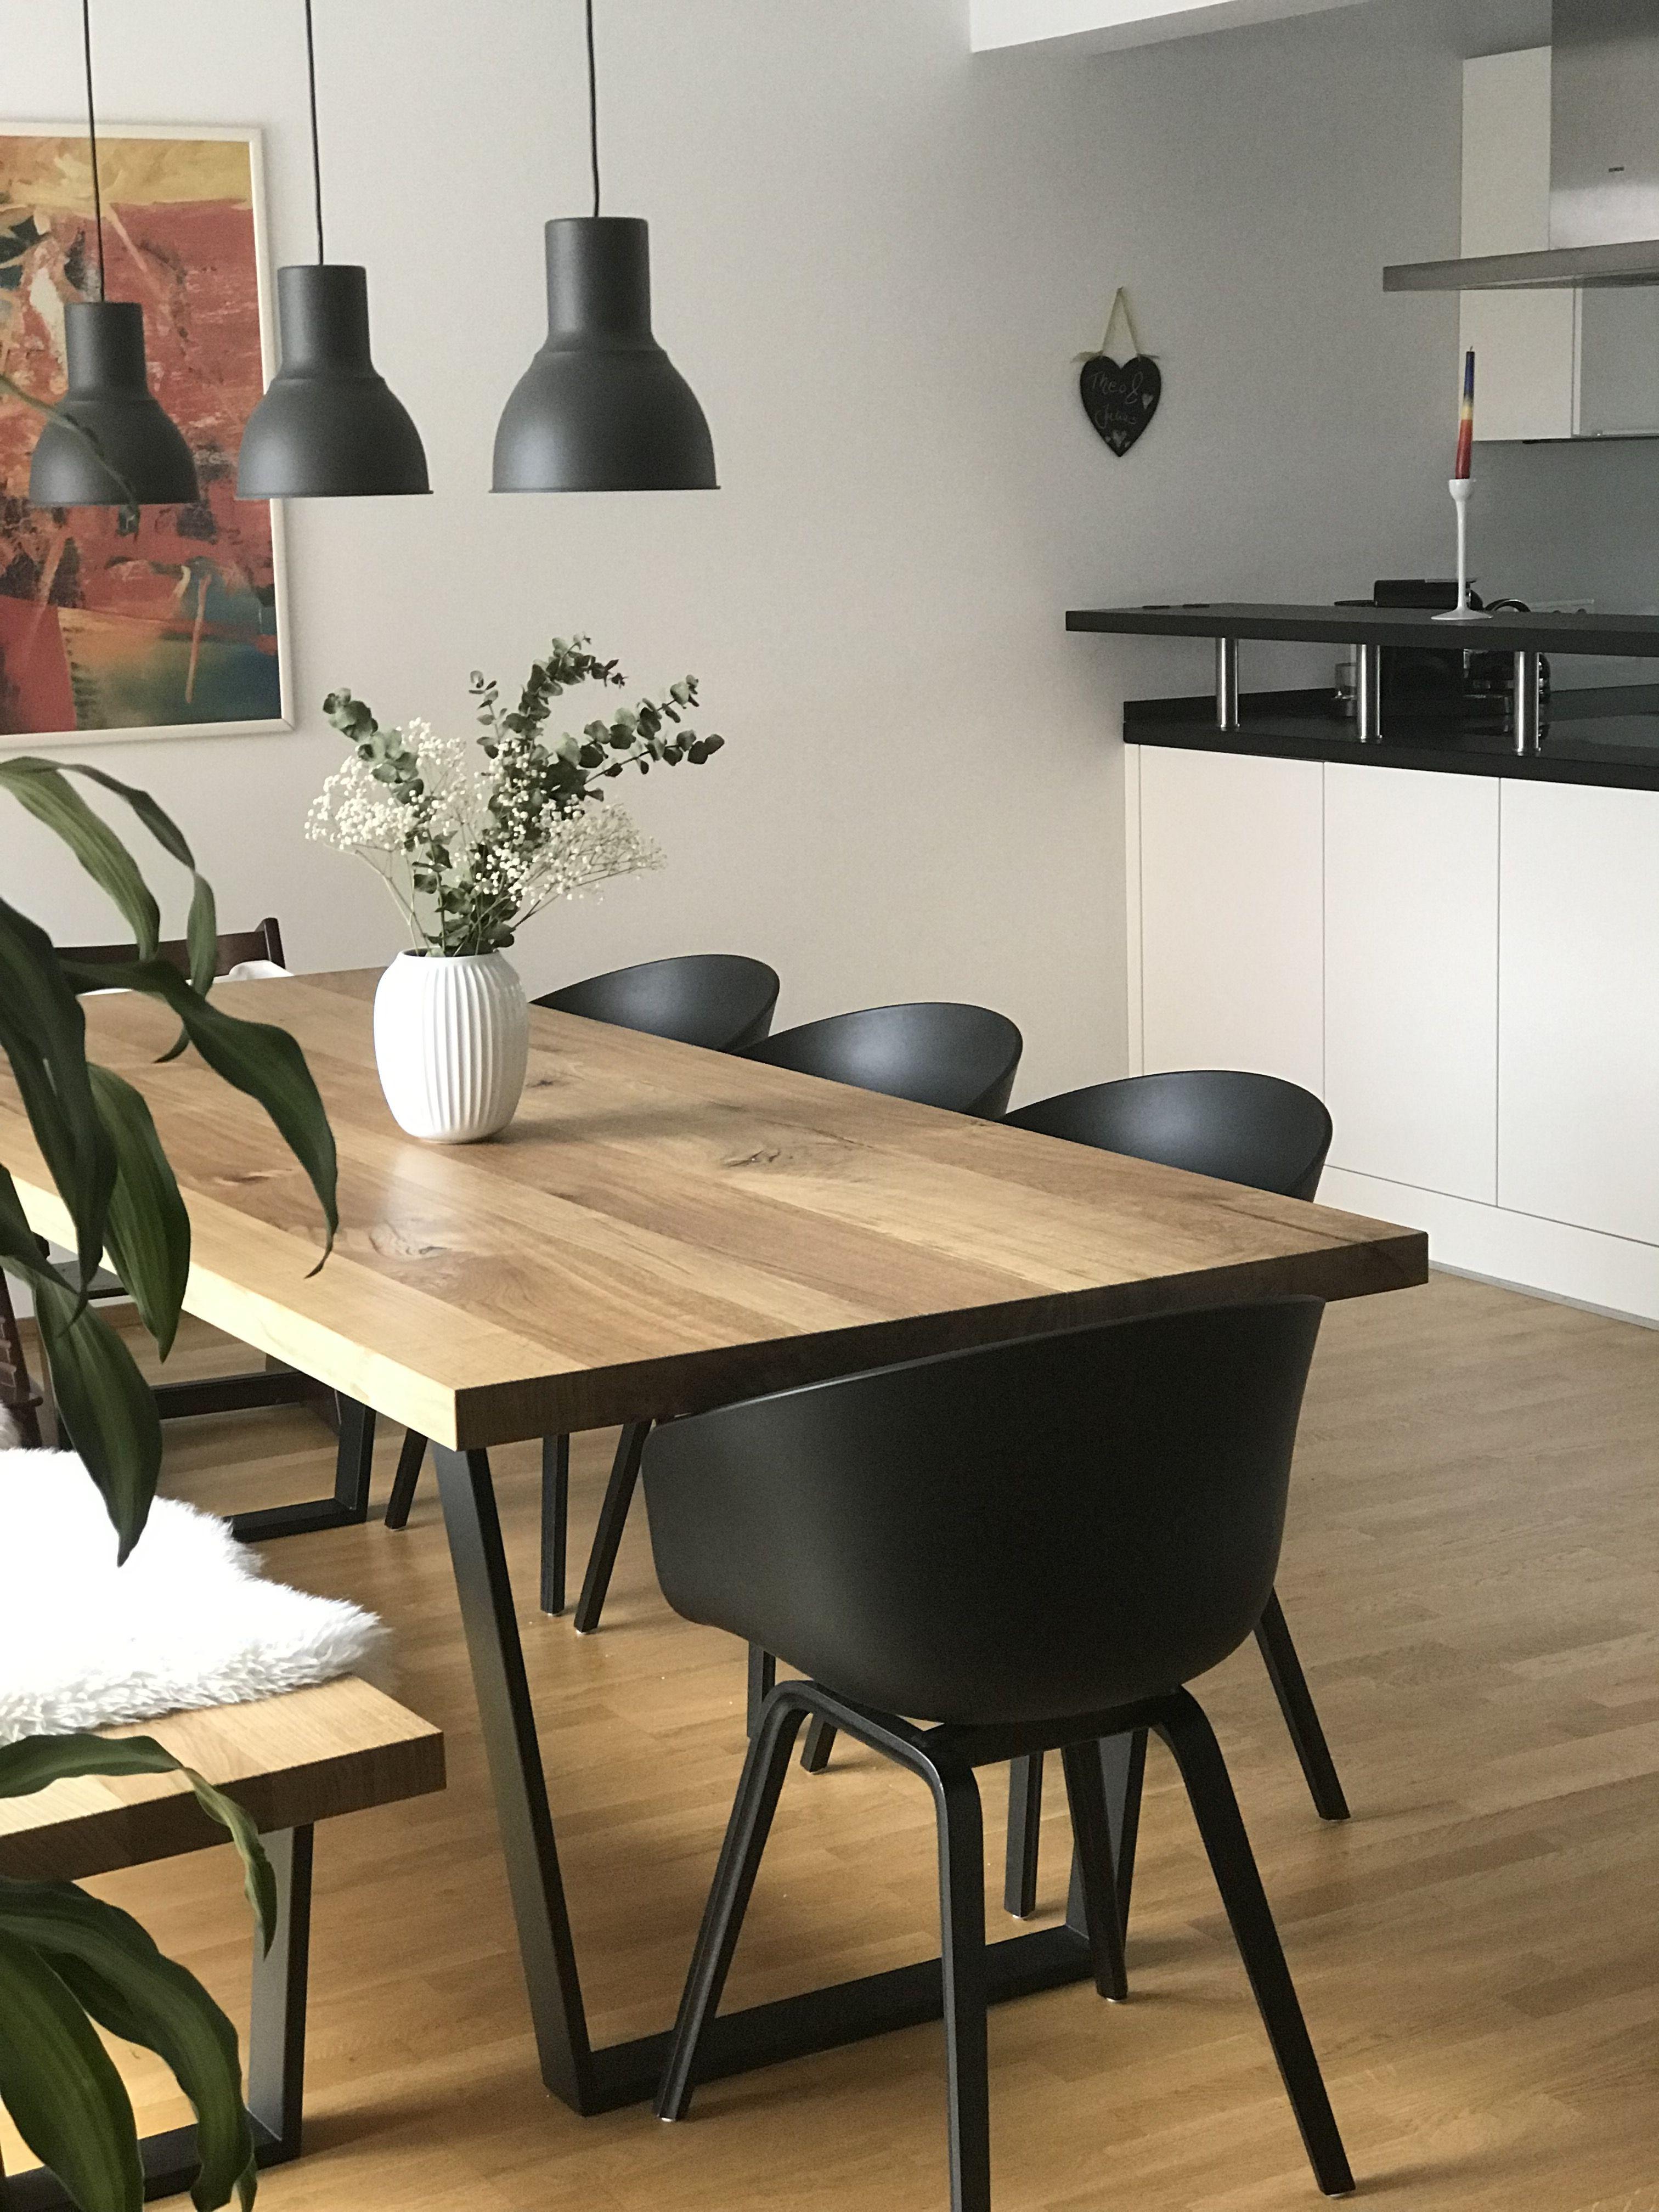 Esstisch Eiche mit dicker Platte, schwarze Tischfüße